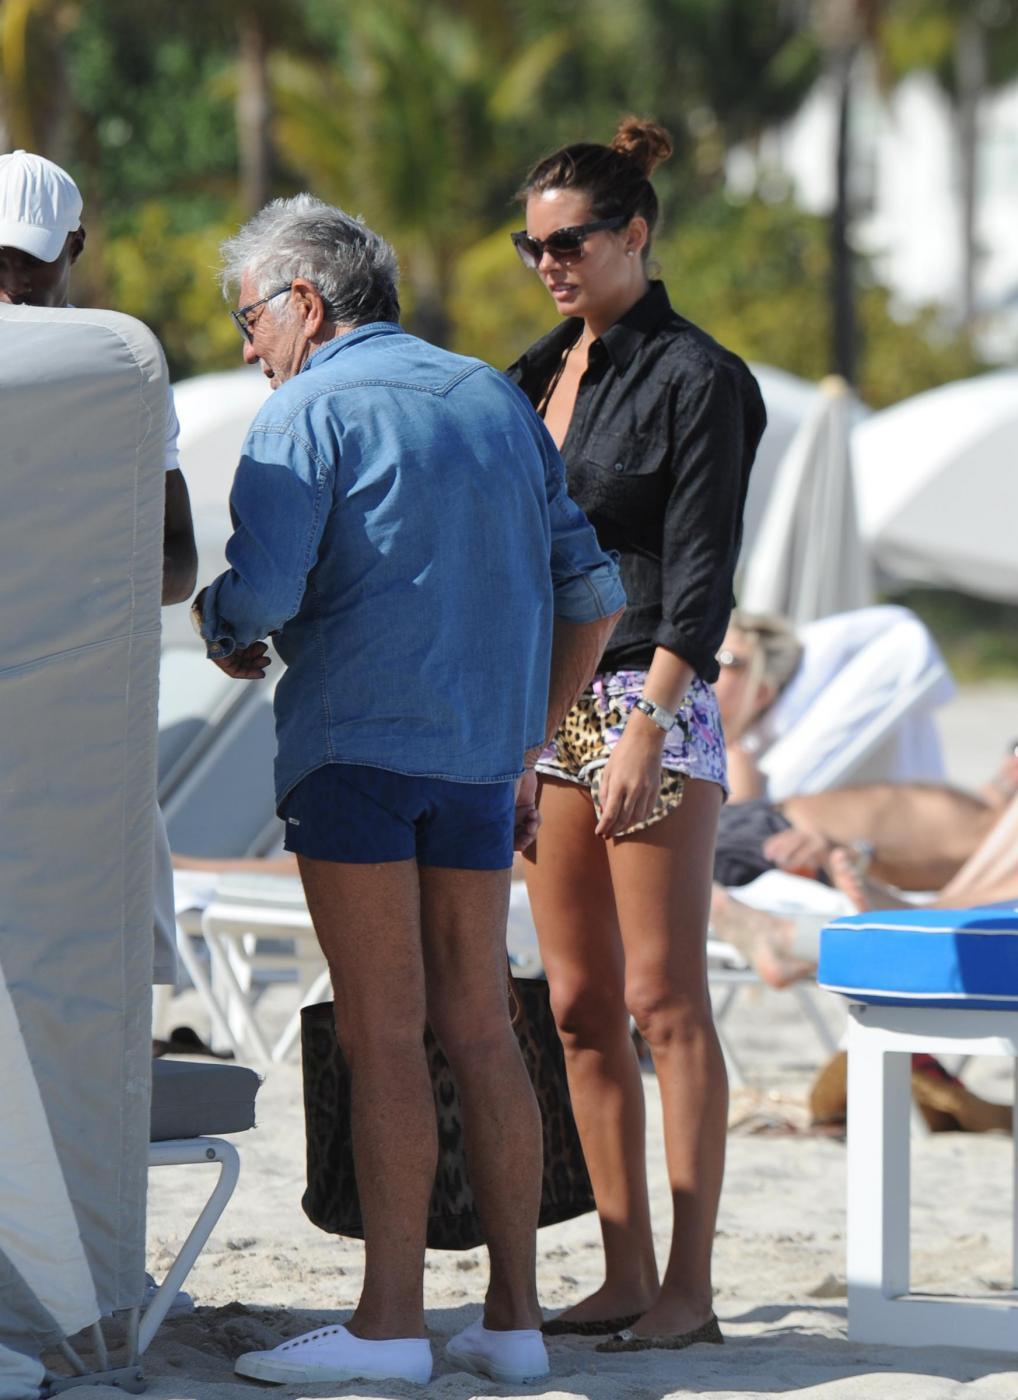 Roberto Cavalli in spiaggia a Miami con Lina Nilson e Lenny Kravitz01